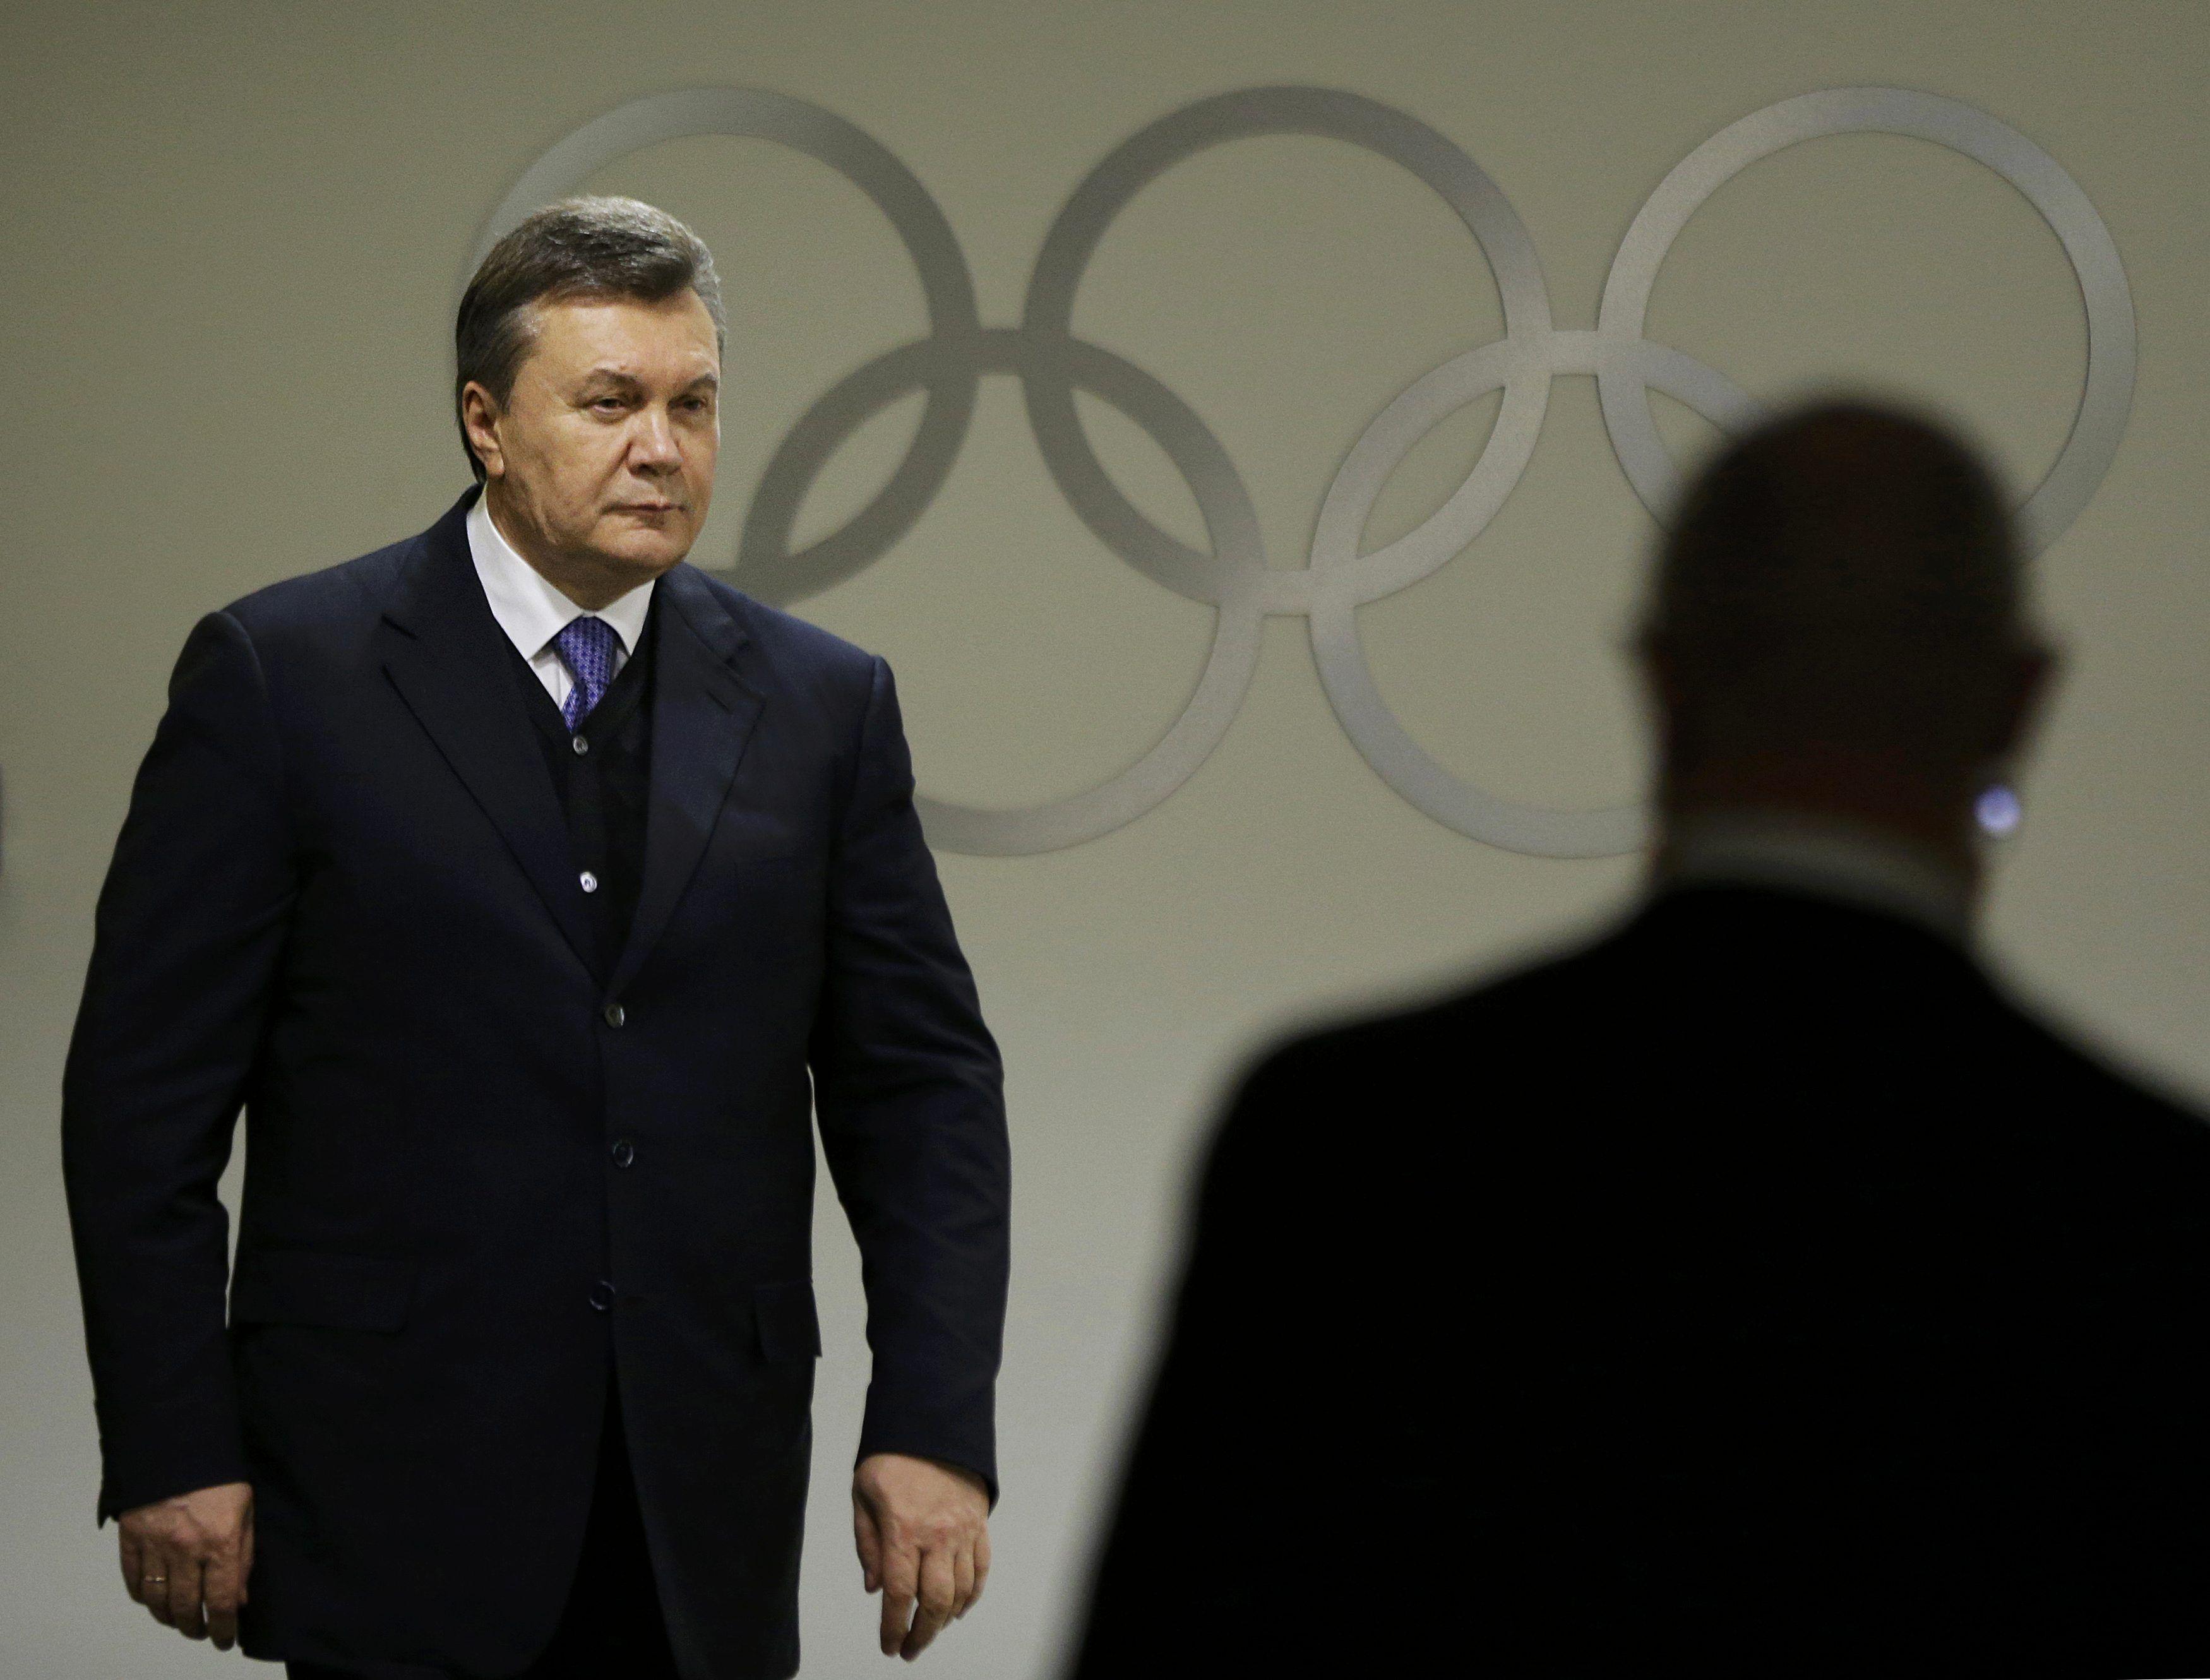 Виктор Янукович в олимпийском СочиУже завтра, 6 марта, Евросоюз может ввести серьезные персональные санкции против Януковича и 17 экс-чиновников.